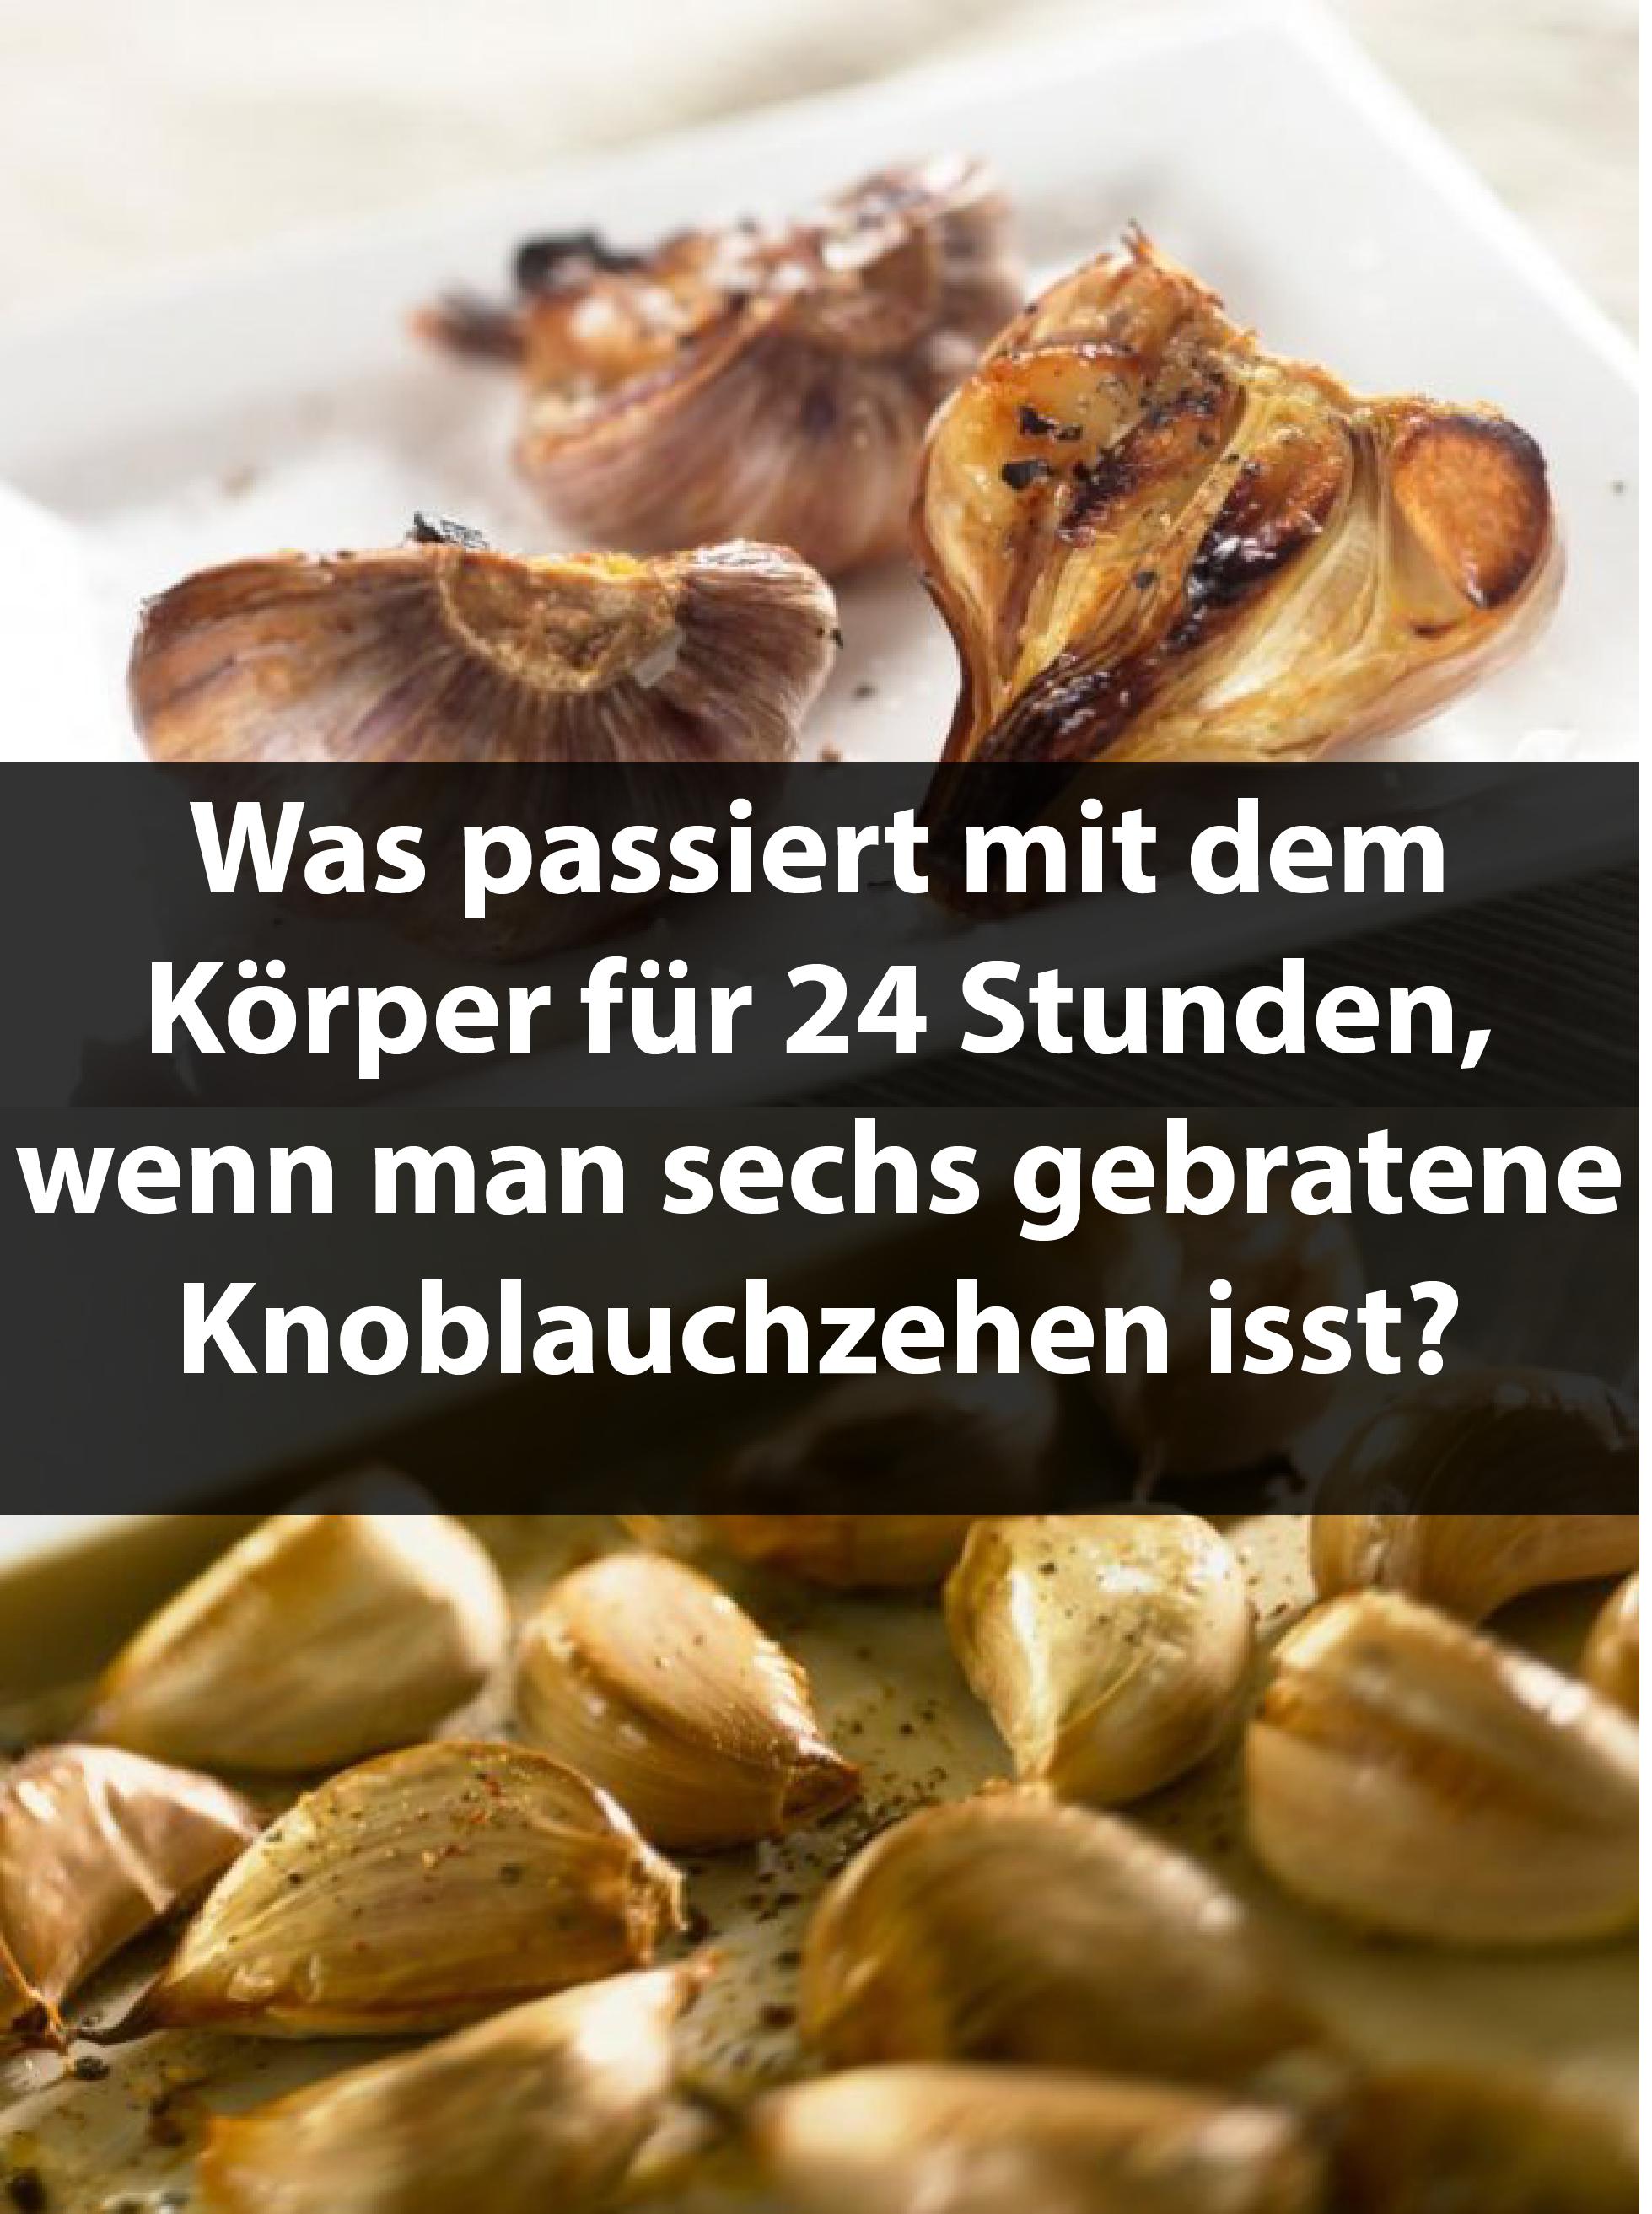 Was passiert mit dem Körper für 24 Stunden, wenn man sechs gebratene Knoblauchzehen isst?